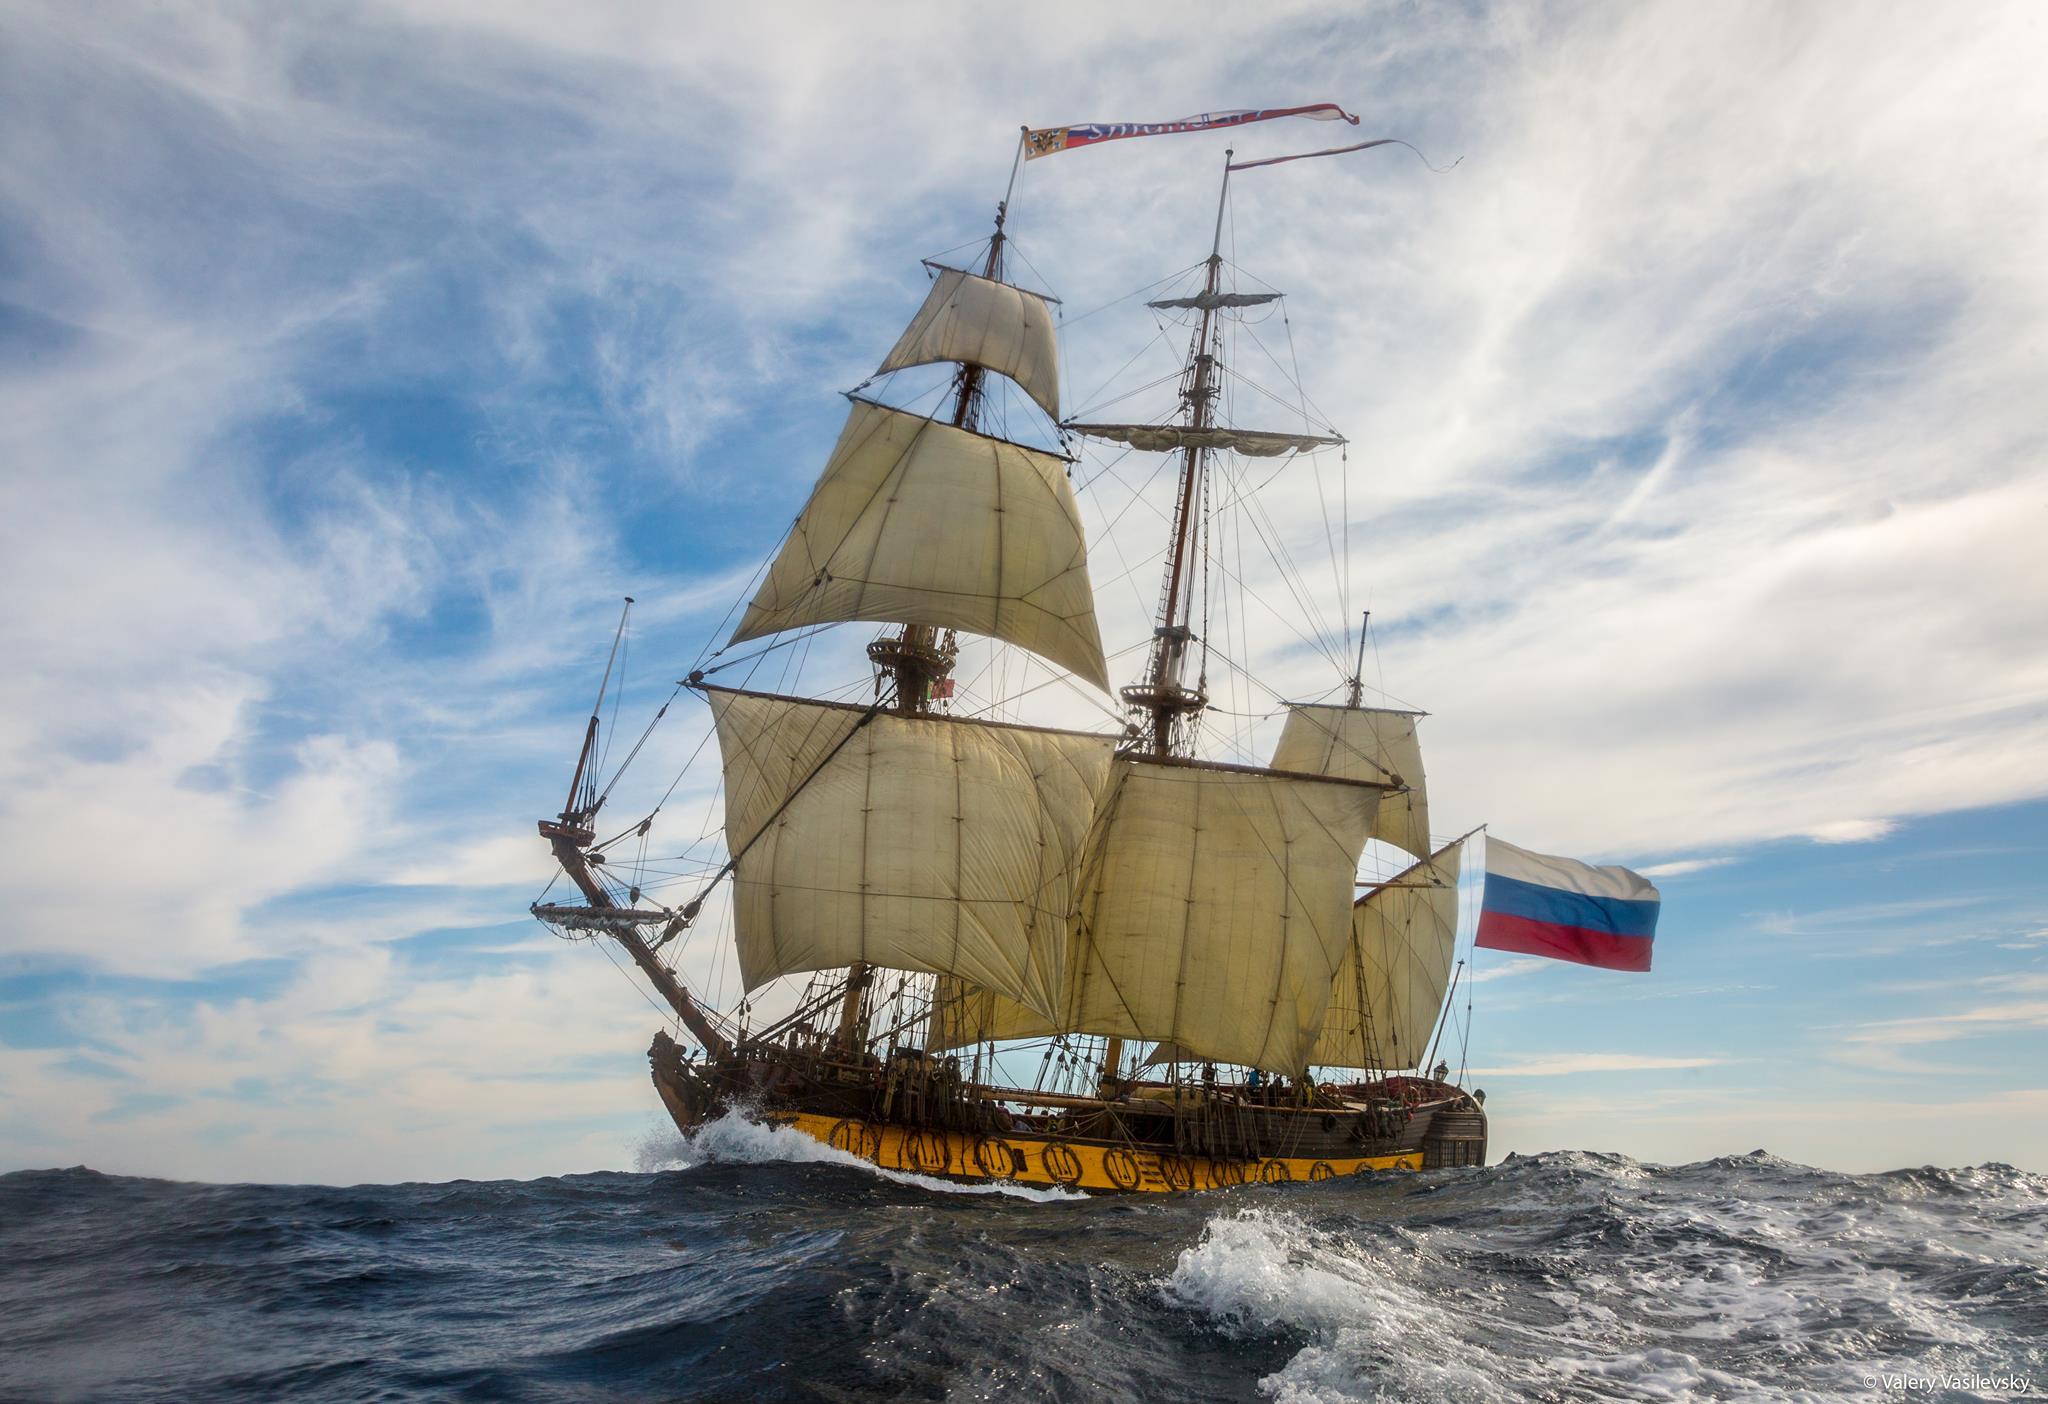 FRAGATA RUSA SHTANDART VISITA VIGO Y ABRE SUS PUERTAS AL PÚBLICO   ¿Qué  hacer en Vigo?